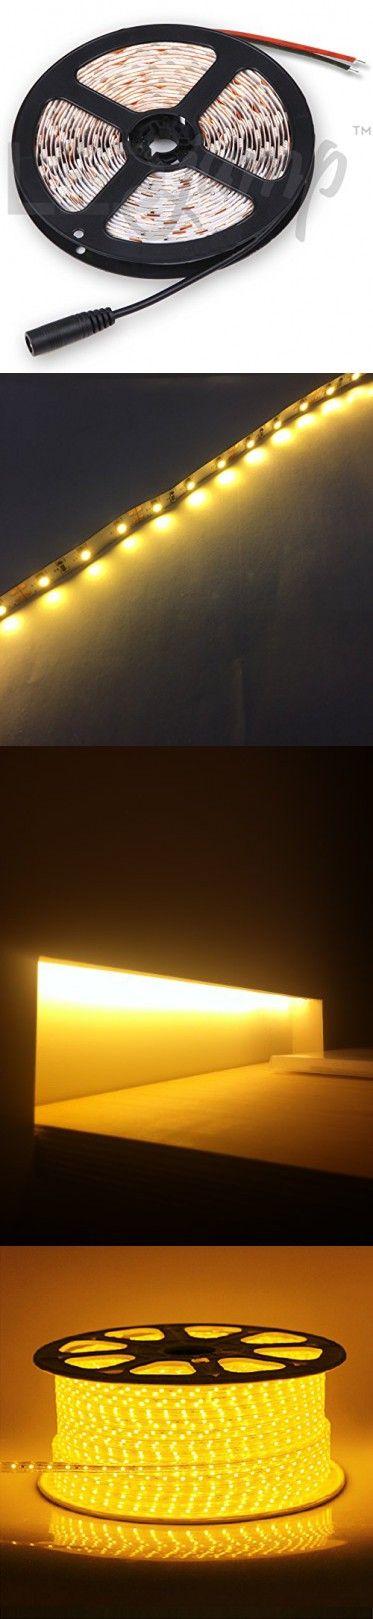 LEDJump High Power Ouput Lumen Flexible 300 LED Light Strip Ribbon 16 Ft 5 Meter 3M Tape Warm White 2500-2700k 12V